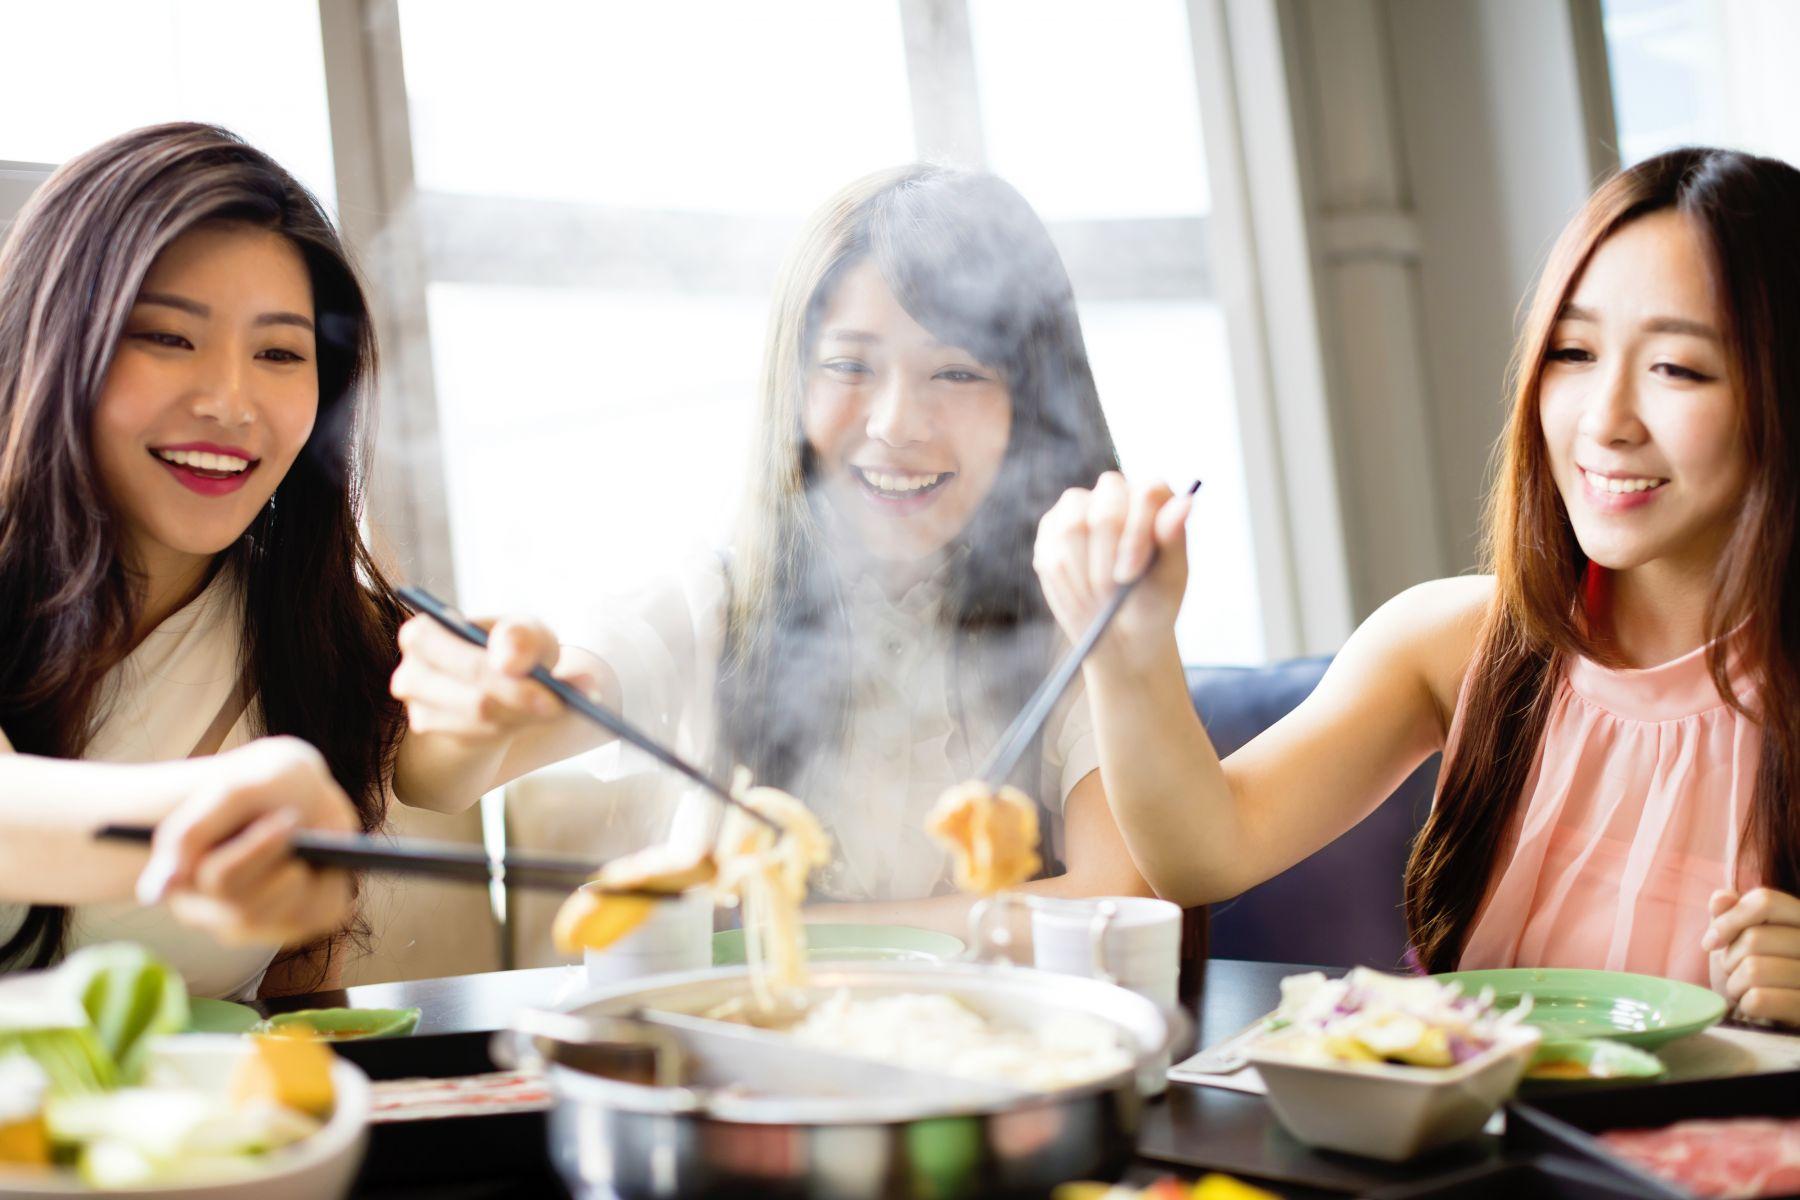 大腸癌元凶!癌症研究證實:愛吃4食物易致癌,千萬少碰